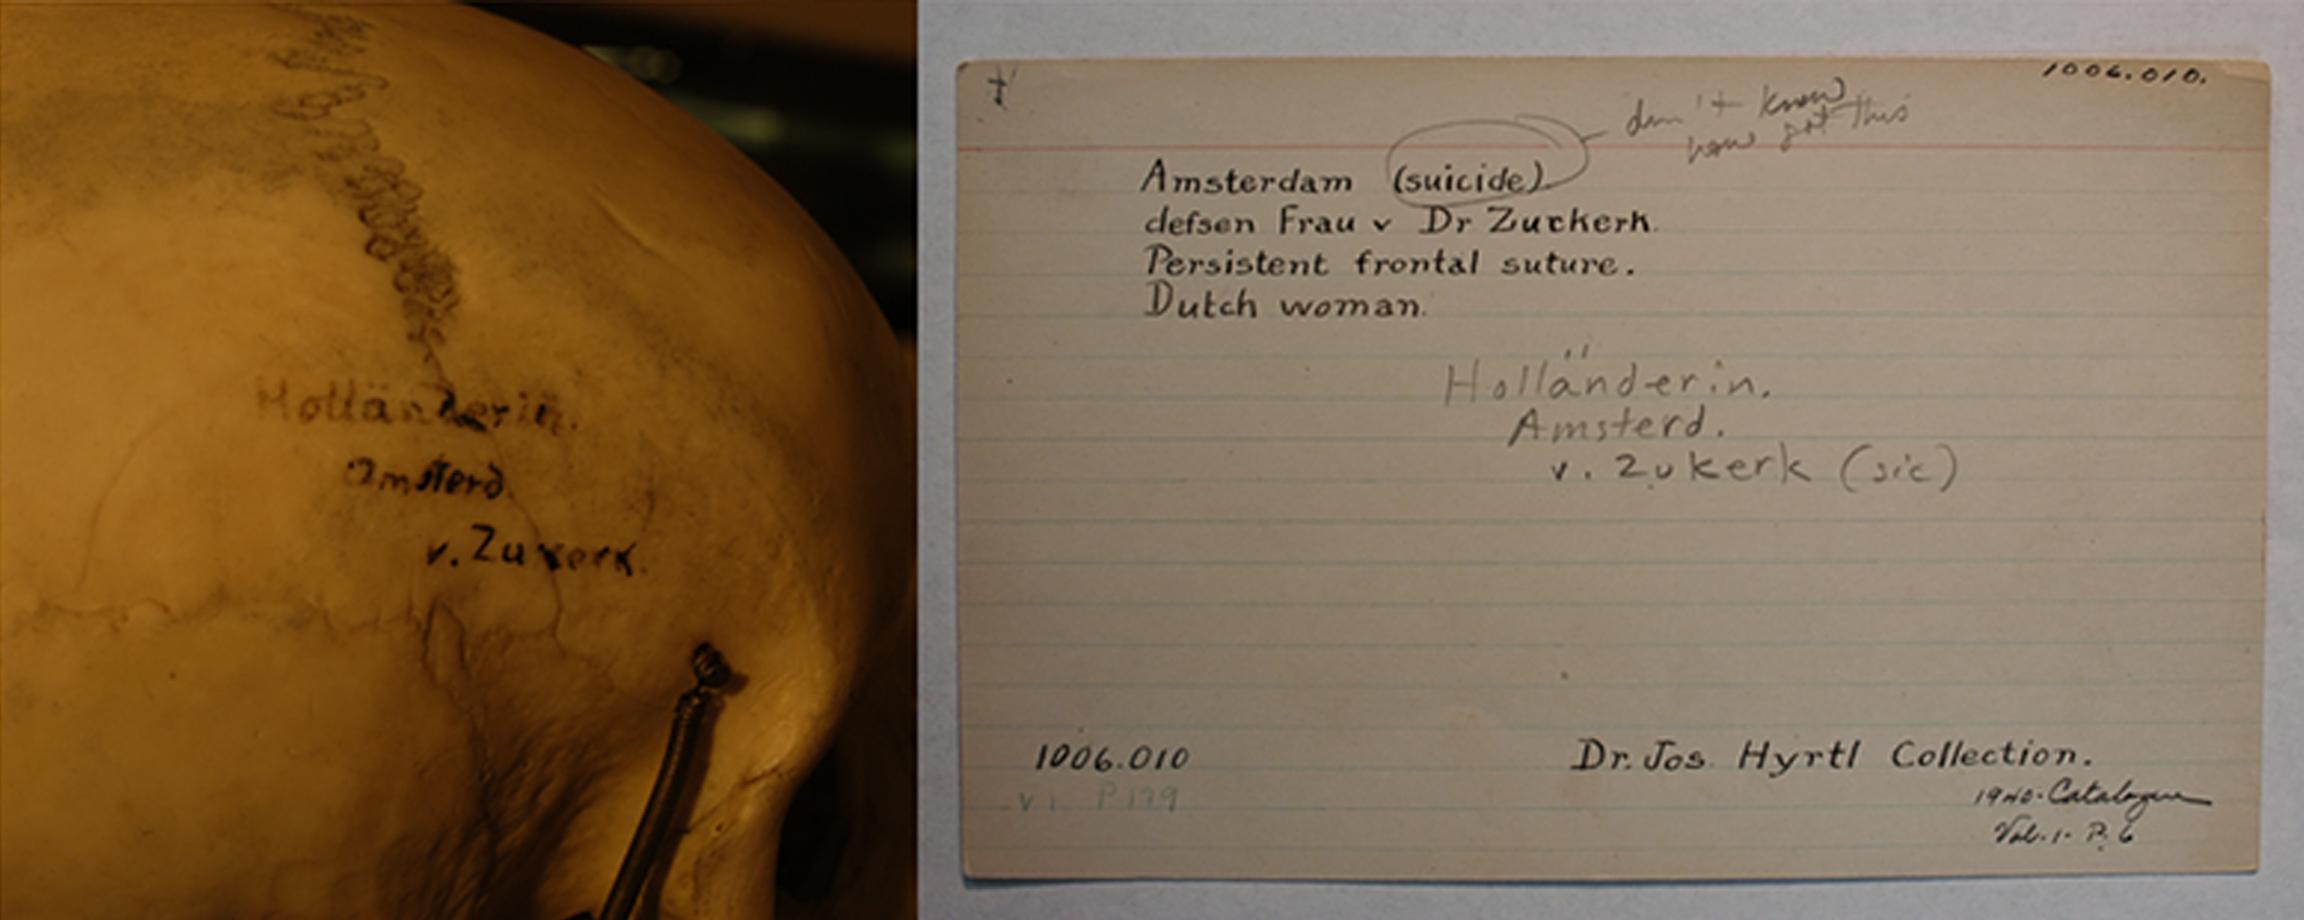 Dutch Suicide.jpg